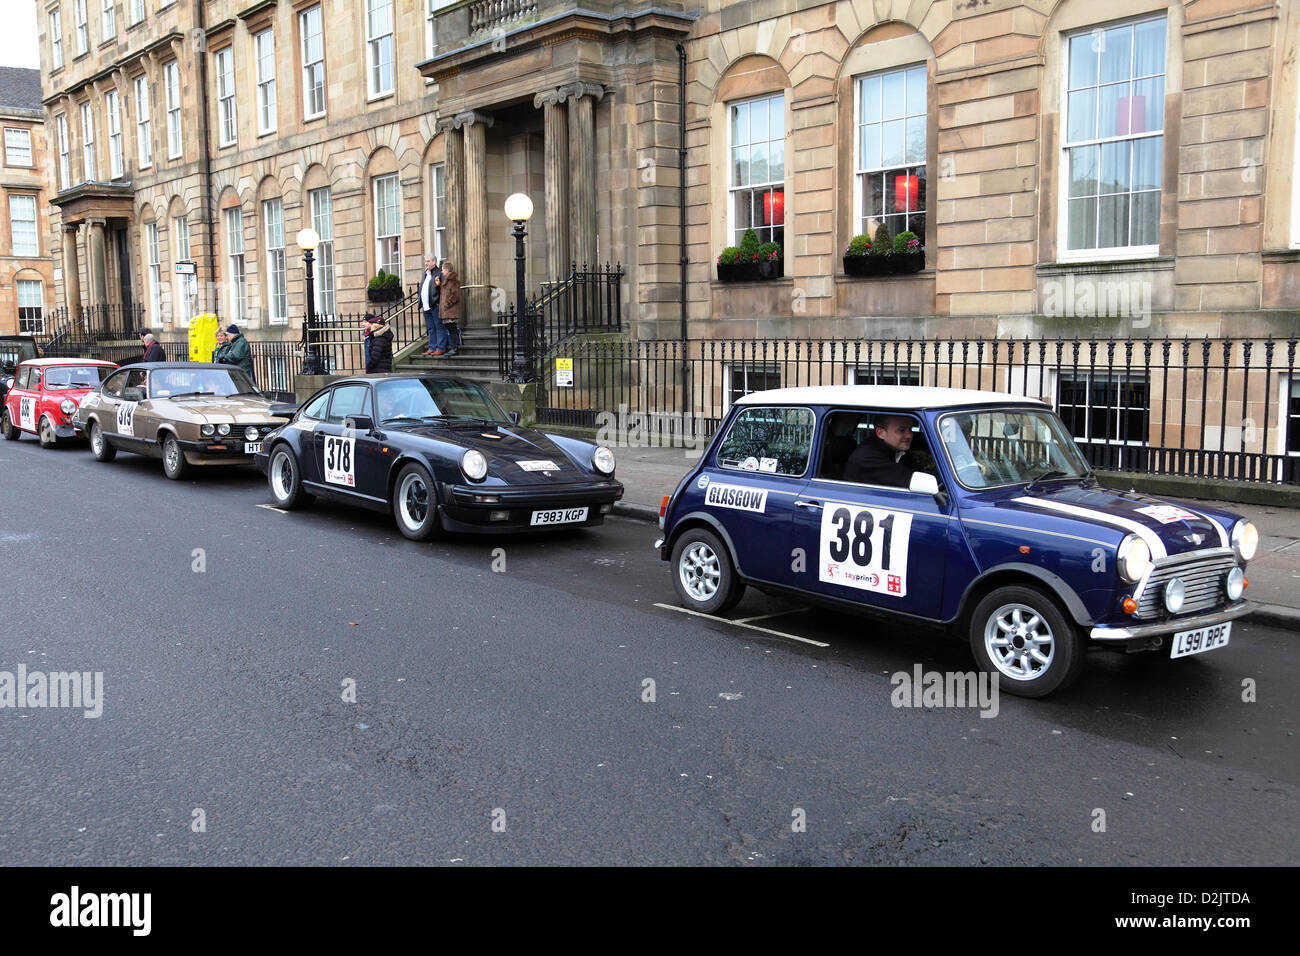 Los participantes después del inicio del Rally de Monte Carlo en Glasgow, Escocia, Reino Unido. Crédito: Imagen De Stock